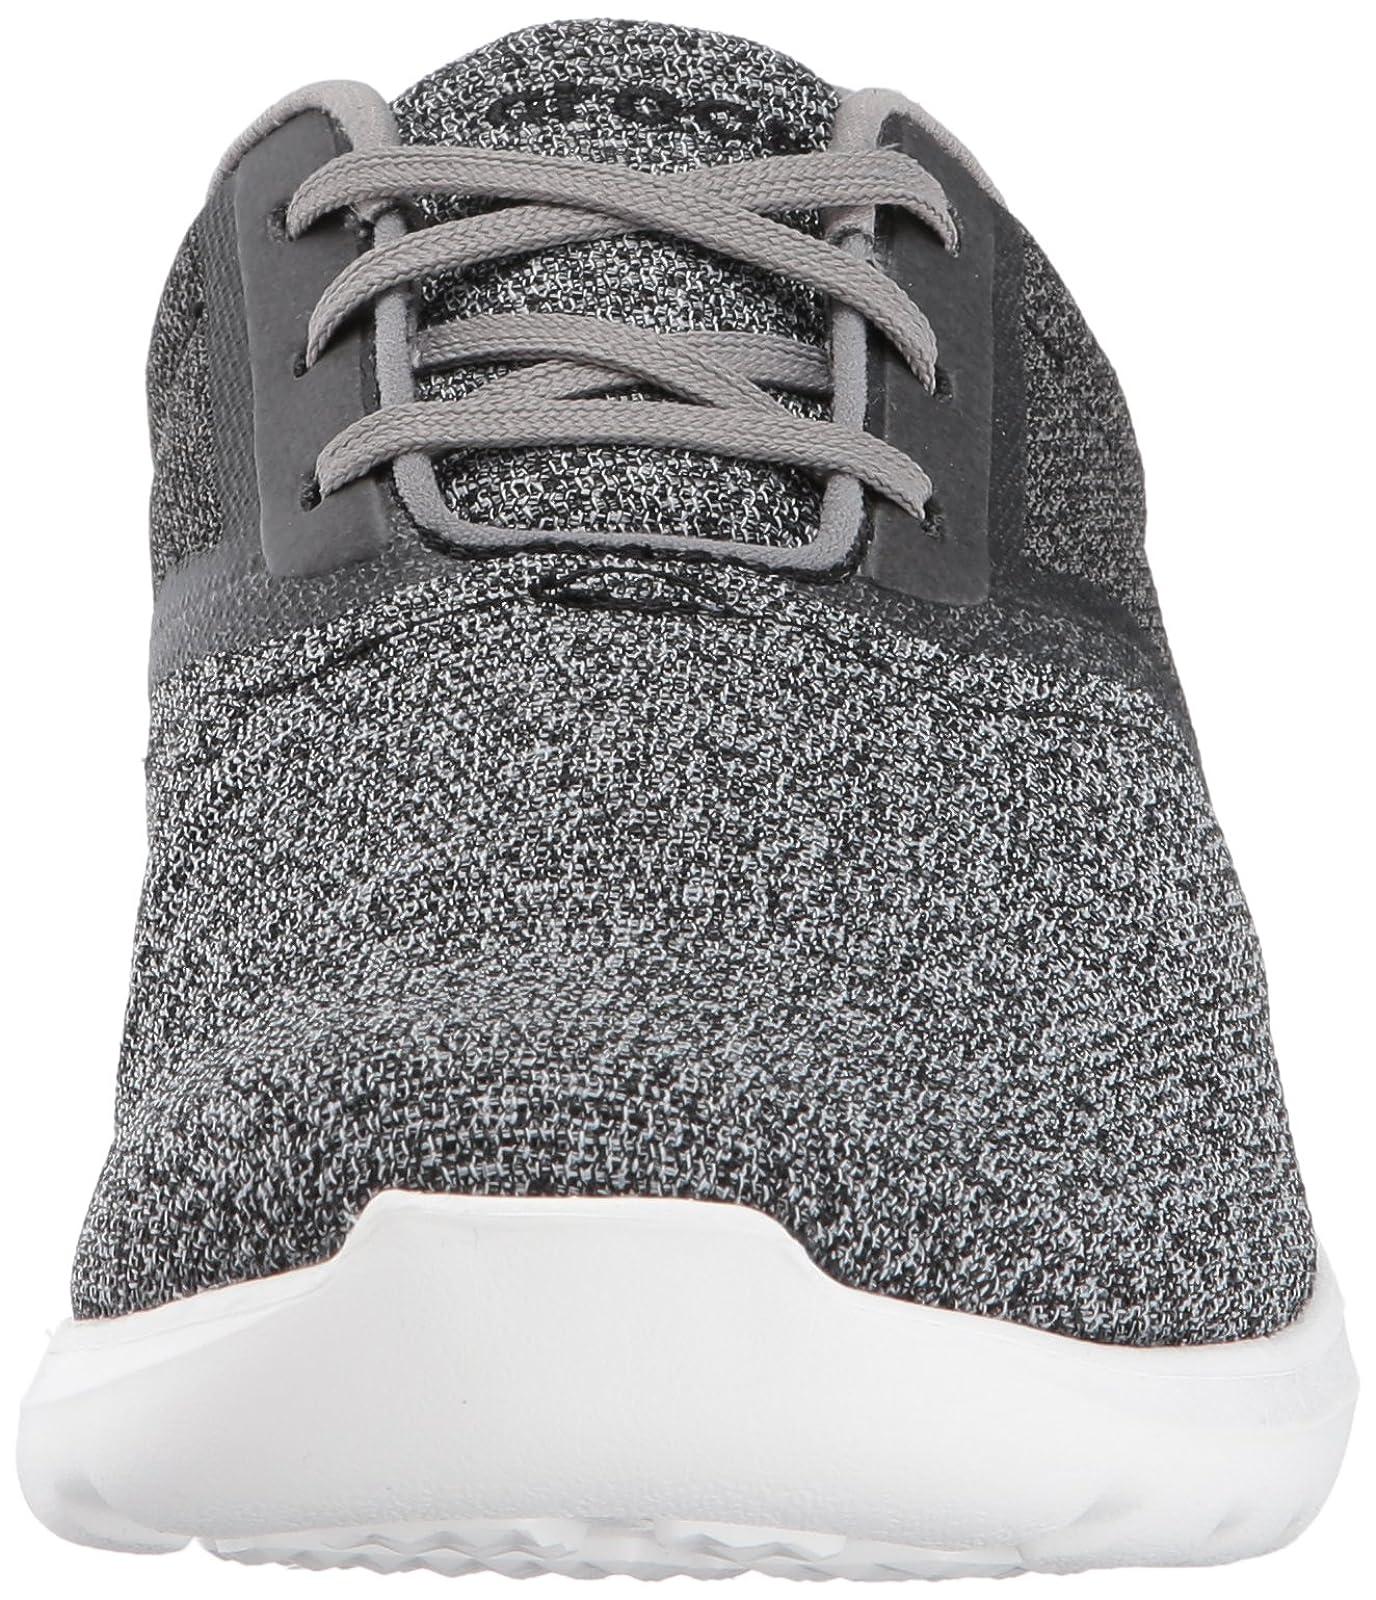 138b2728bb0a ... Crocs Men s Kinsale Static Lace-Up Sneaker Crocs Kinsale Static Lace M  - 4 ...